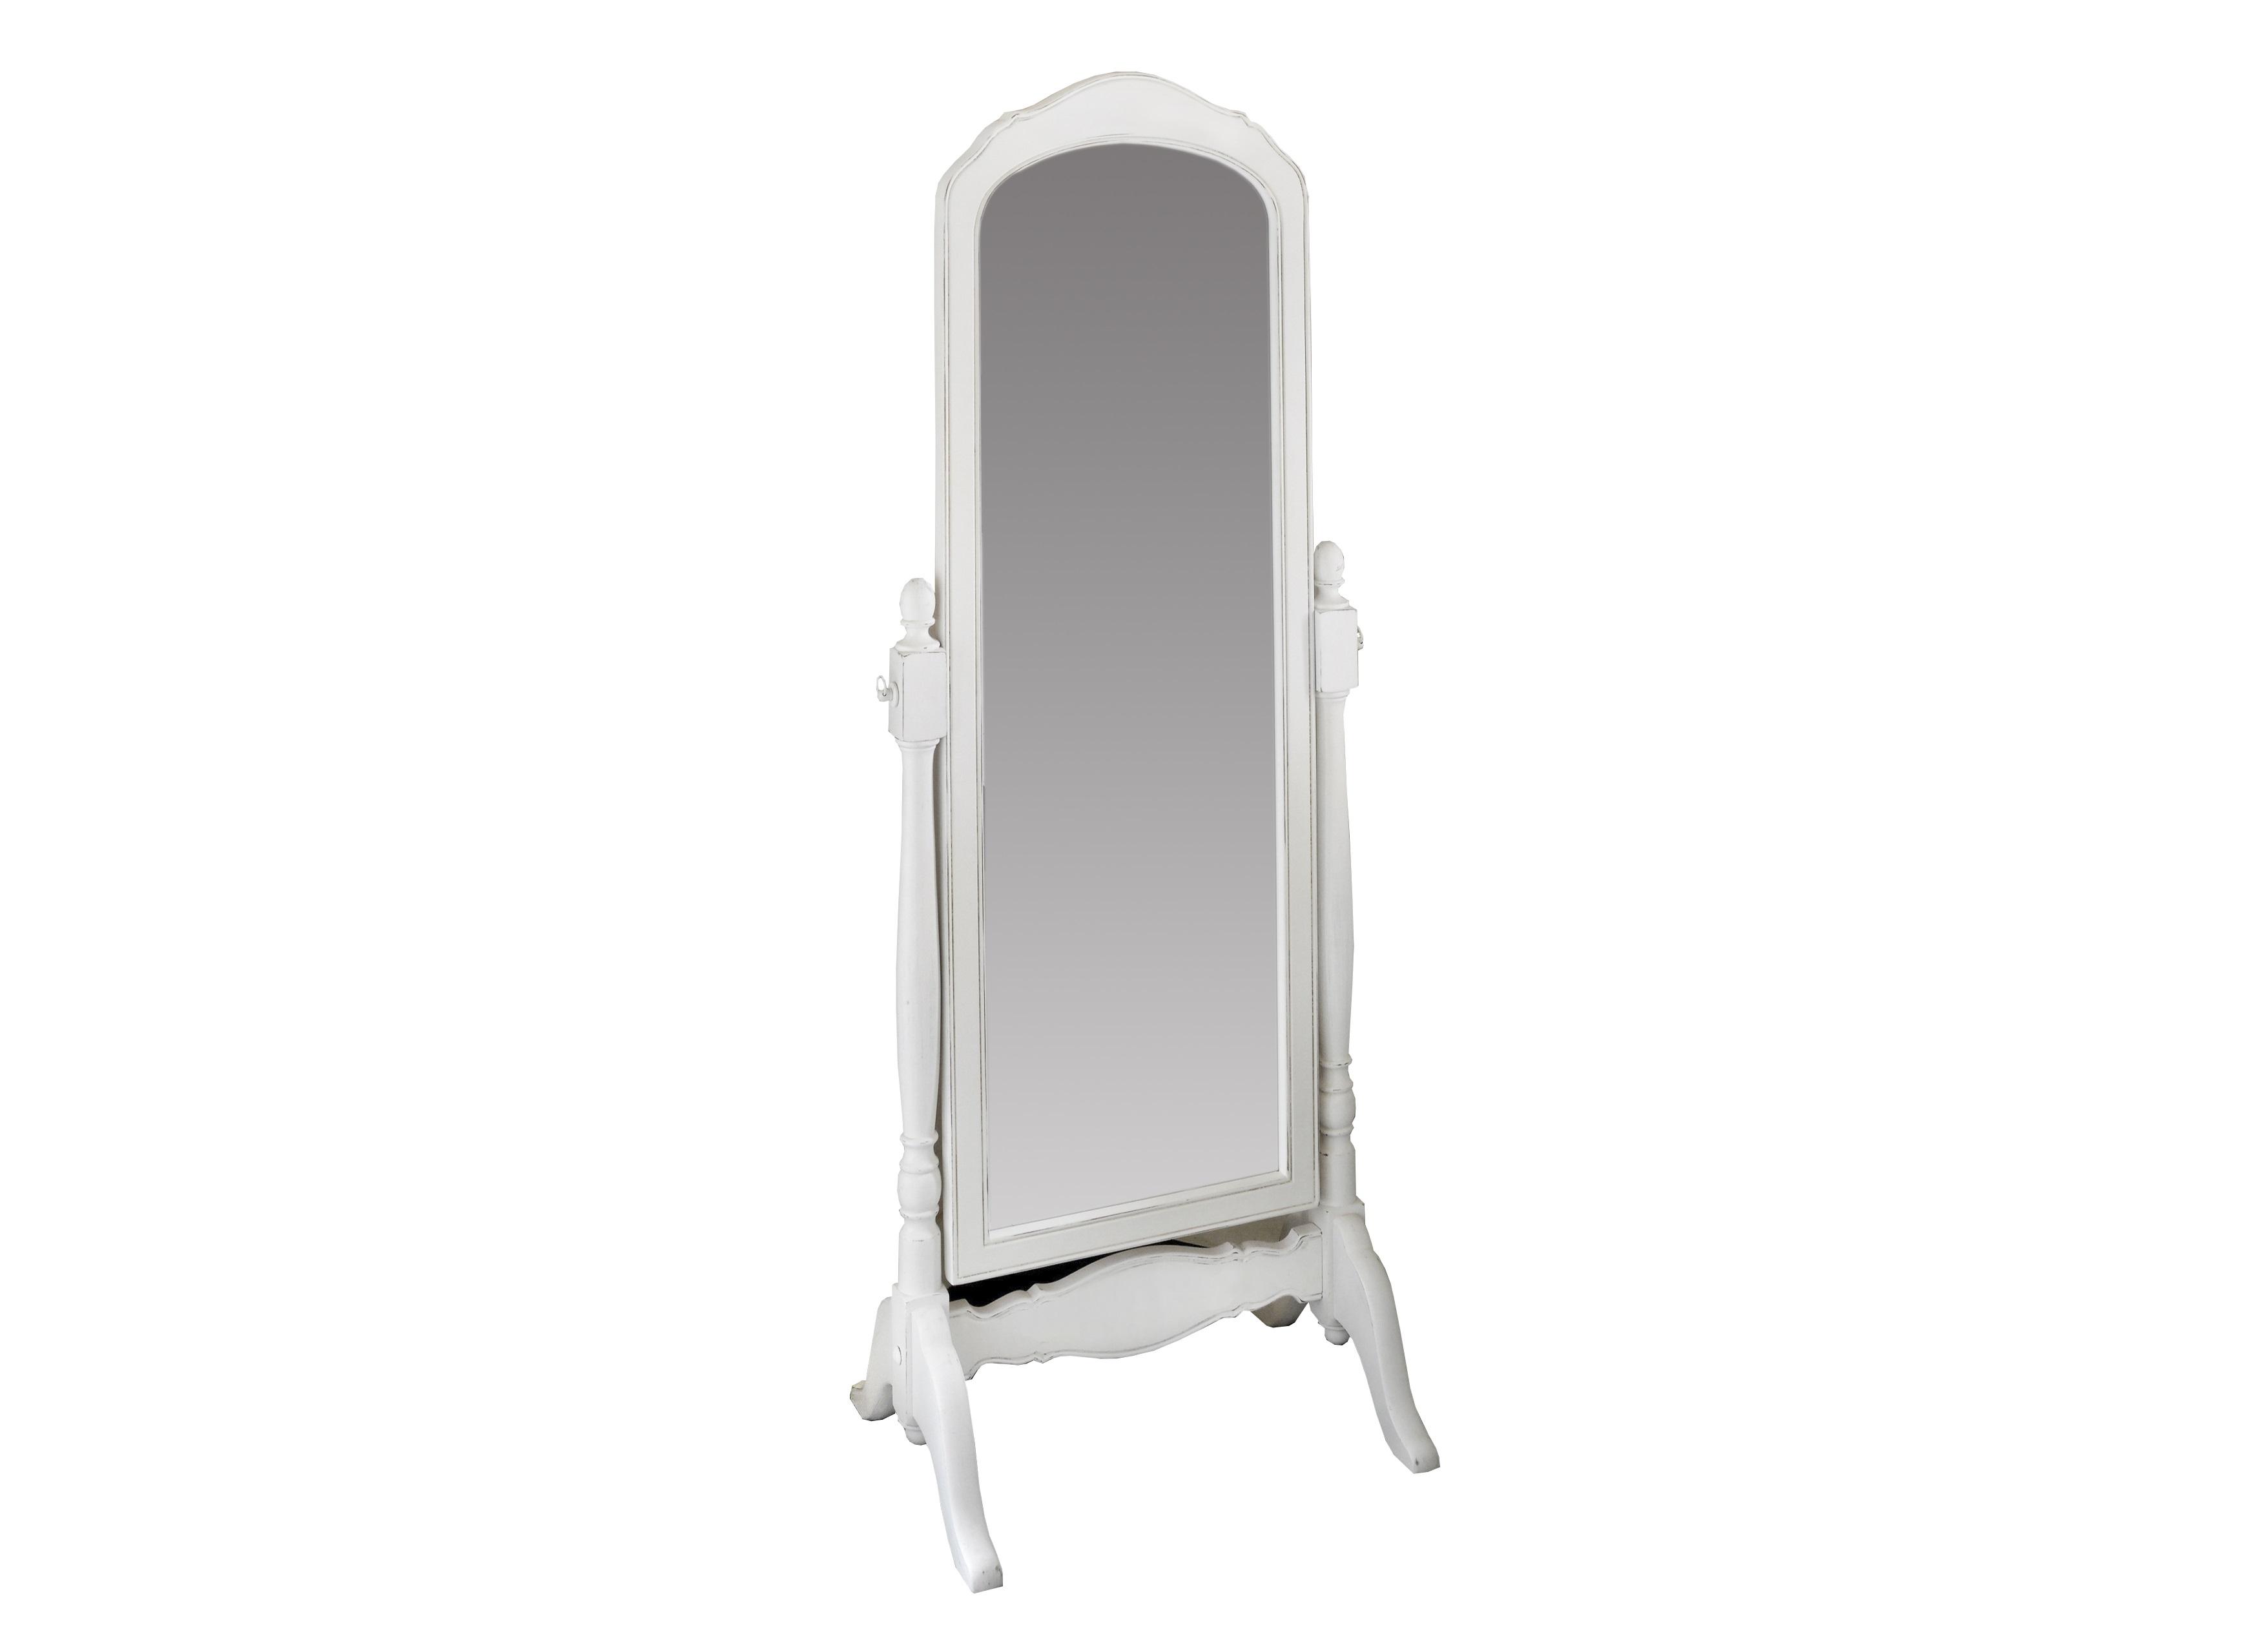 Зеркало напольное Снежный ПровансНапольные зеркала<br>Белая мебель Прованс для гостиной, спальни, столовой, кабинета отлично впишется в Ваш загородный дом. Белая высококачественная мебель &amp;quot;Снежный Прованс&amp;quot; также может послужить в качестве обстановки детской комнаты подростка. Это функциональная удобная мебель европейского качества. Коллекция изготовлена из массива бука (каркасы и точеные элементы мебели) и из высококачественного МДФ (филенчатые части) и соответствует немецким стандартам для детской мебели.<br>Мебель &amp;quot;Снежный Прованс&amp;quot; имеет плавные изогнутые формы и украшена потертым вручную декором в виде оливковой ветви.<br><br>Material: Дерево<br>Length см: None<br>Width см: 67<br>Depth см: 48<br>Height см: 175<br>Diameter см: None